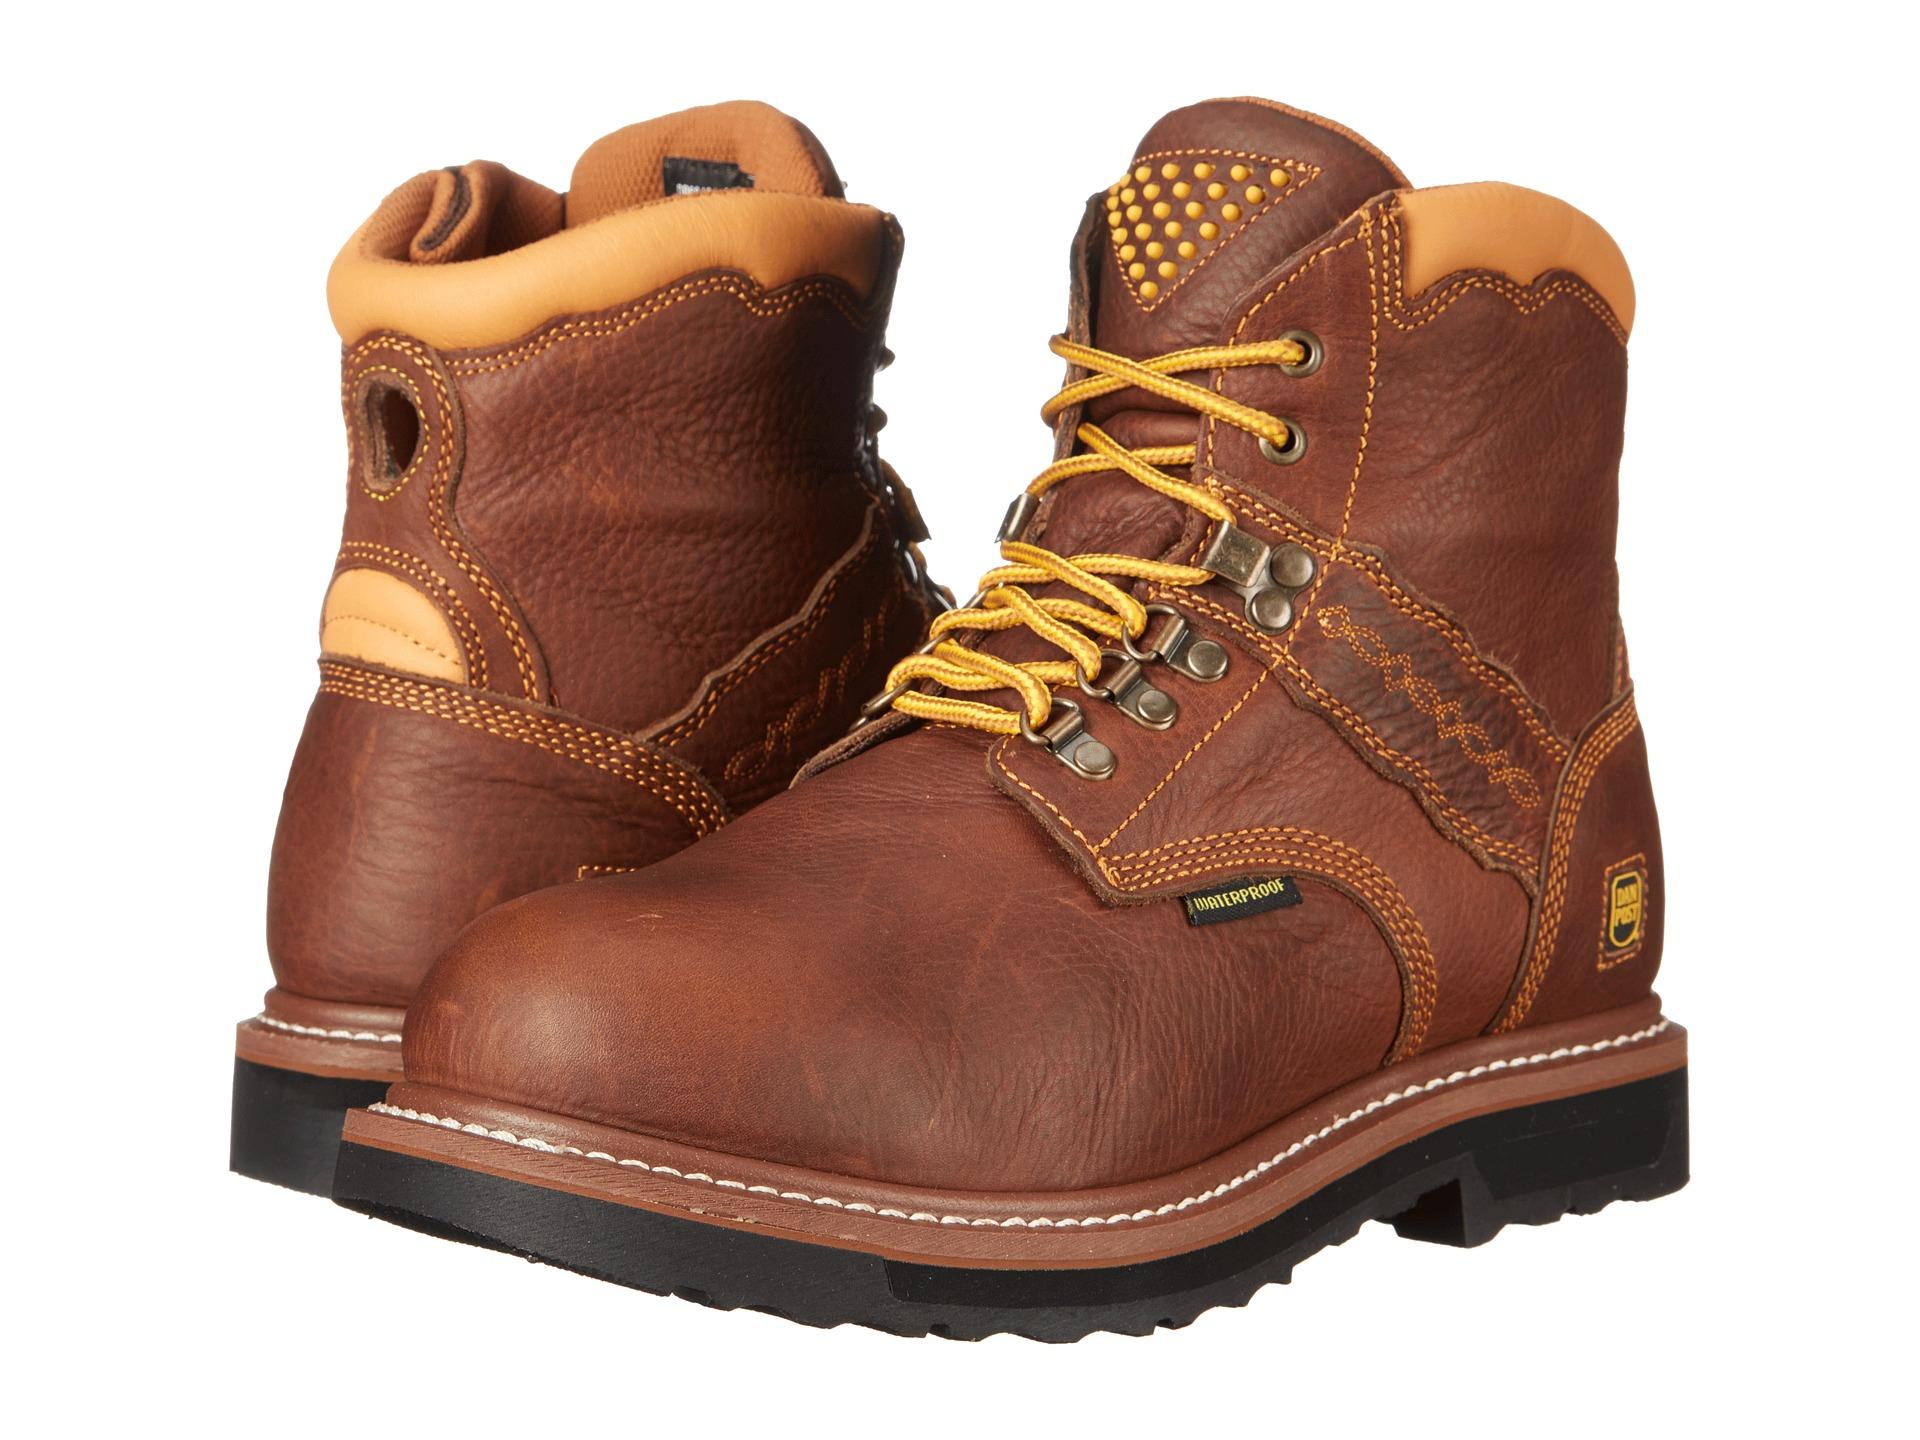 Saftey Alloy Toe Shoes For Men Under